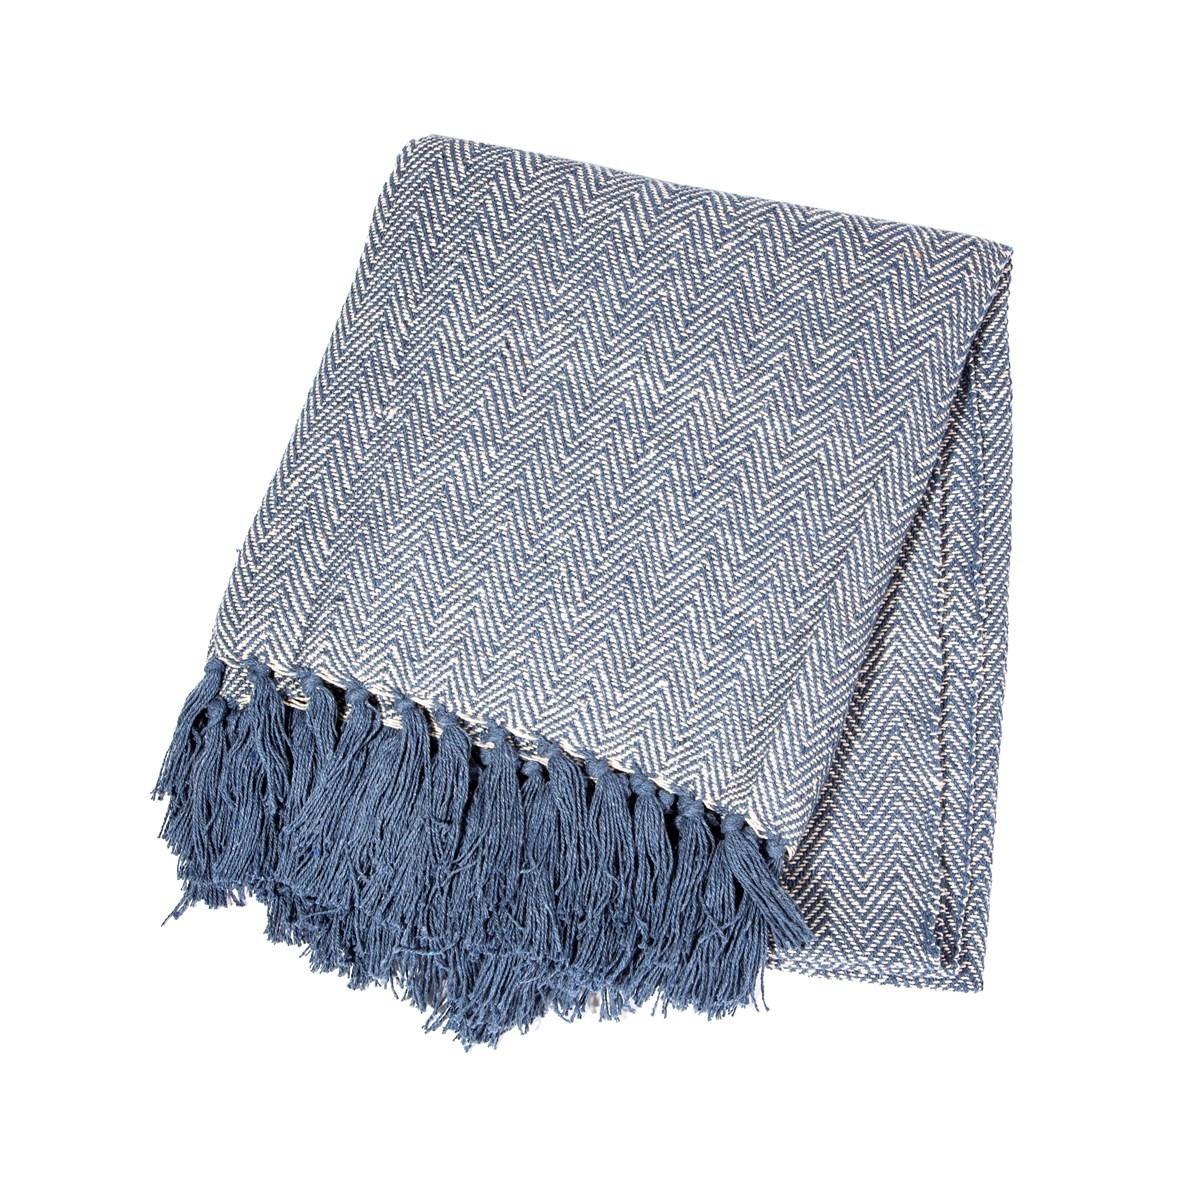 Modrý bavlněný pléd Herringbone 170x130 cm_2